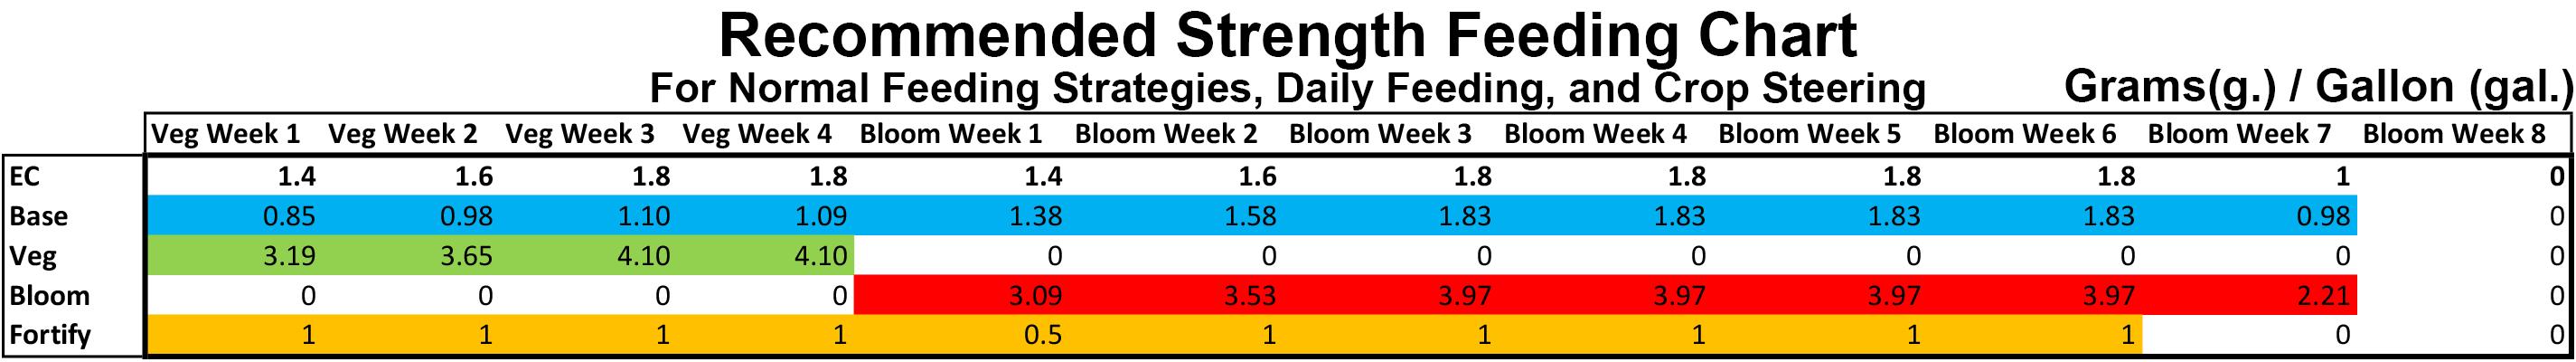 regular_strength_feeding.png?ssl=1